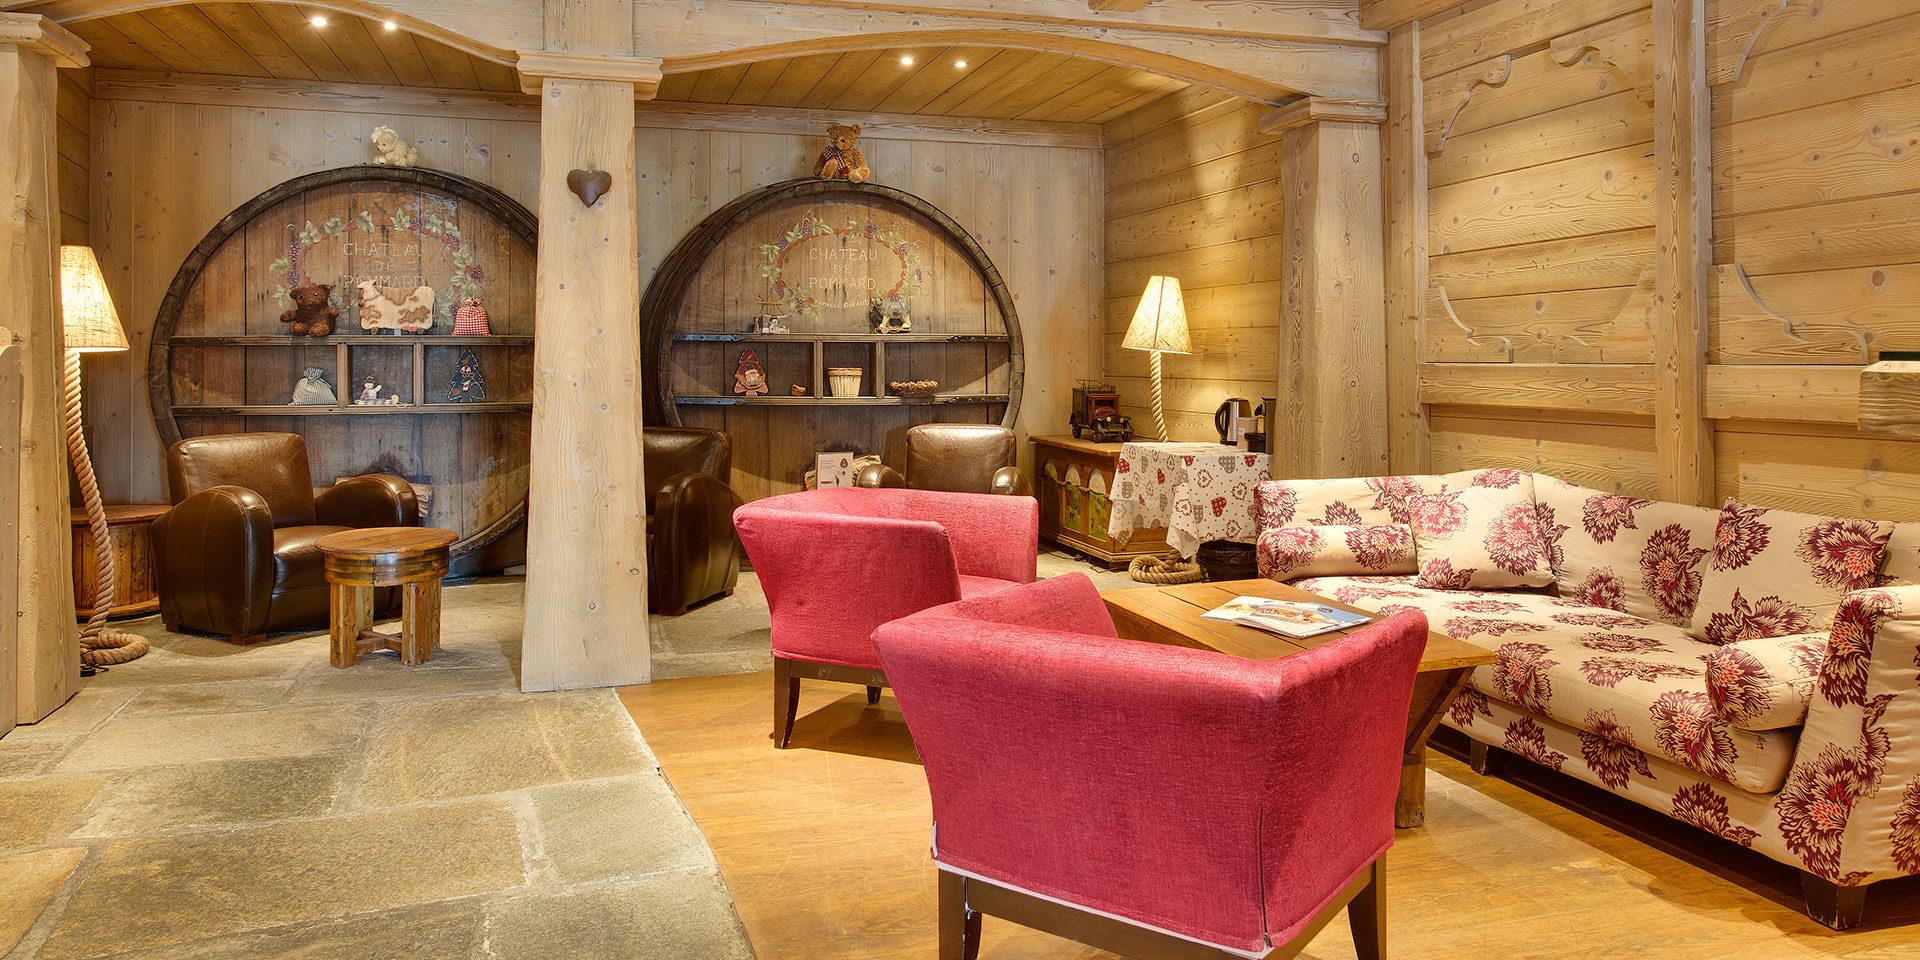 CGH Oree des Cimes Vallandry Paradiski Frankrijk wintersport skivakantie luxe receptie bloemen bank fauteuil relaxen bij aankomst wijn vatten authentiek